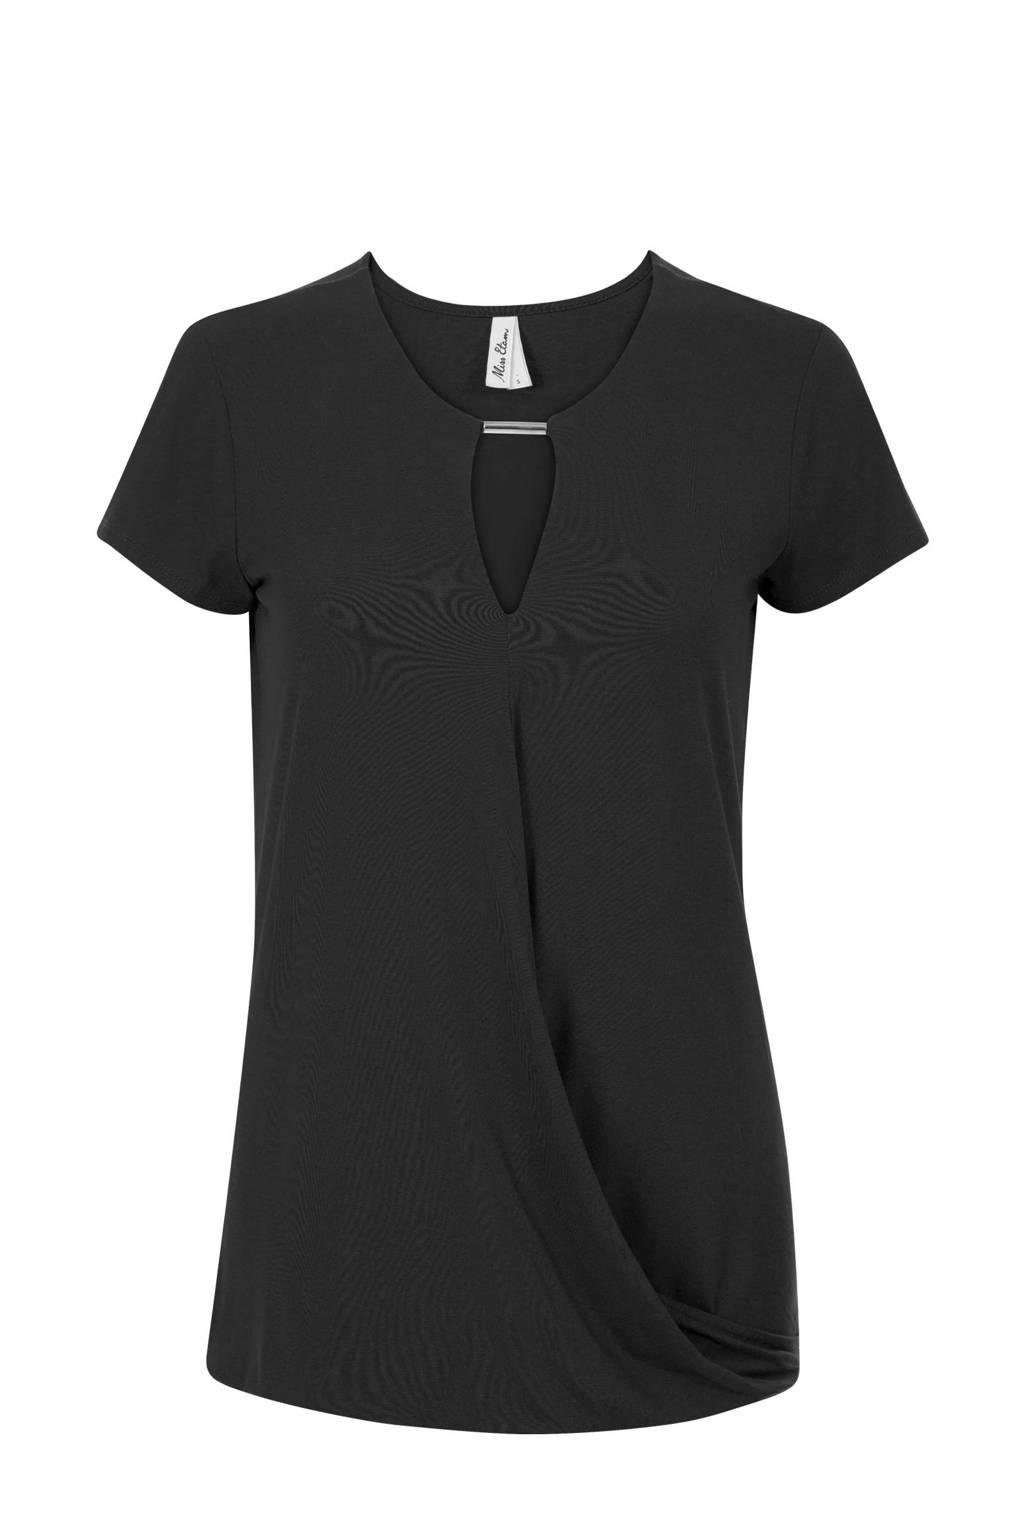 Miss Etam Regulier T-shirt zwart, Zwart